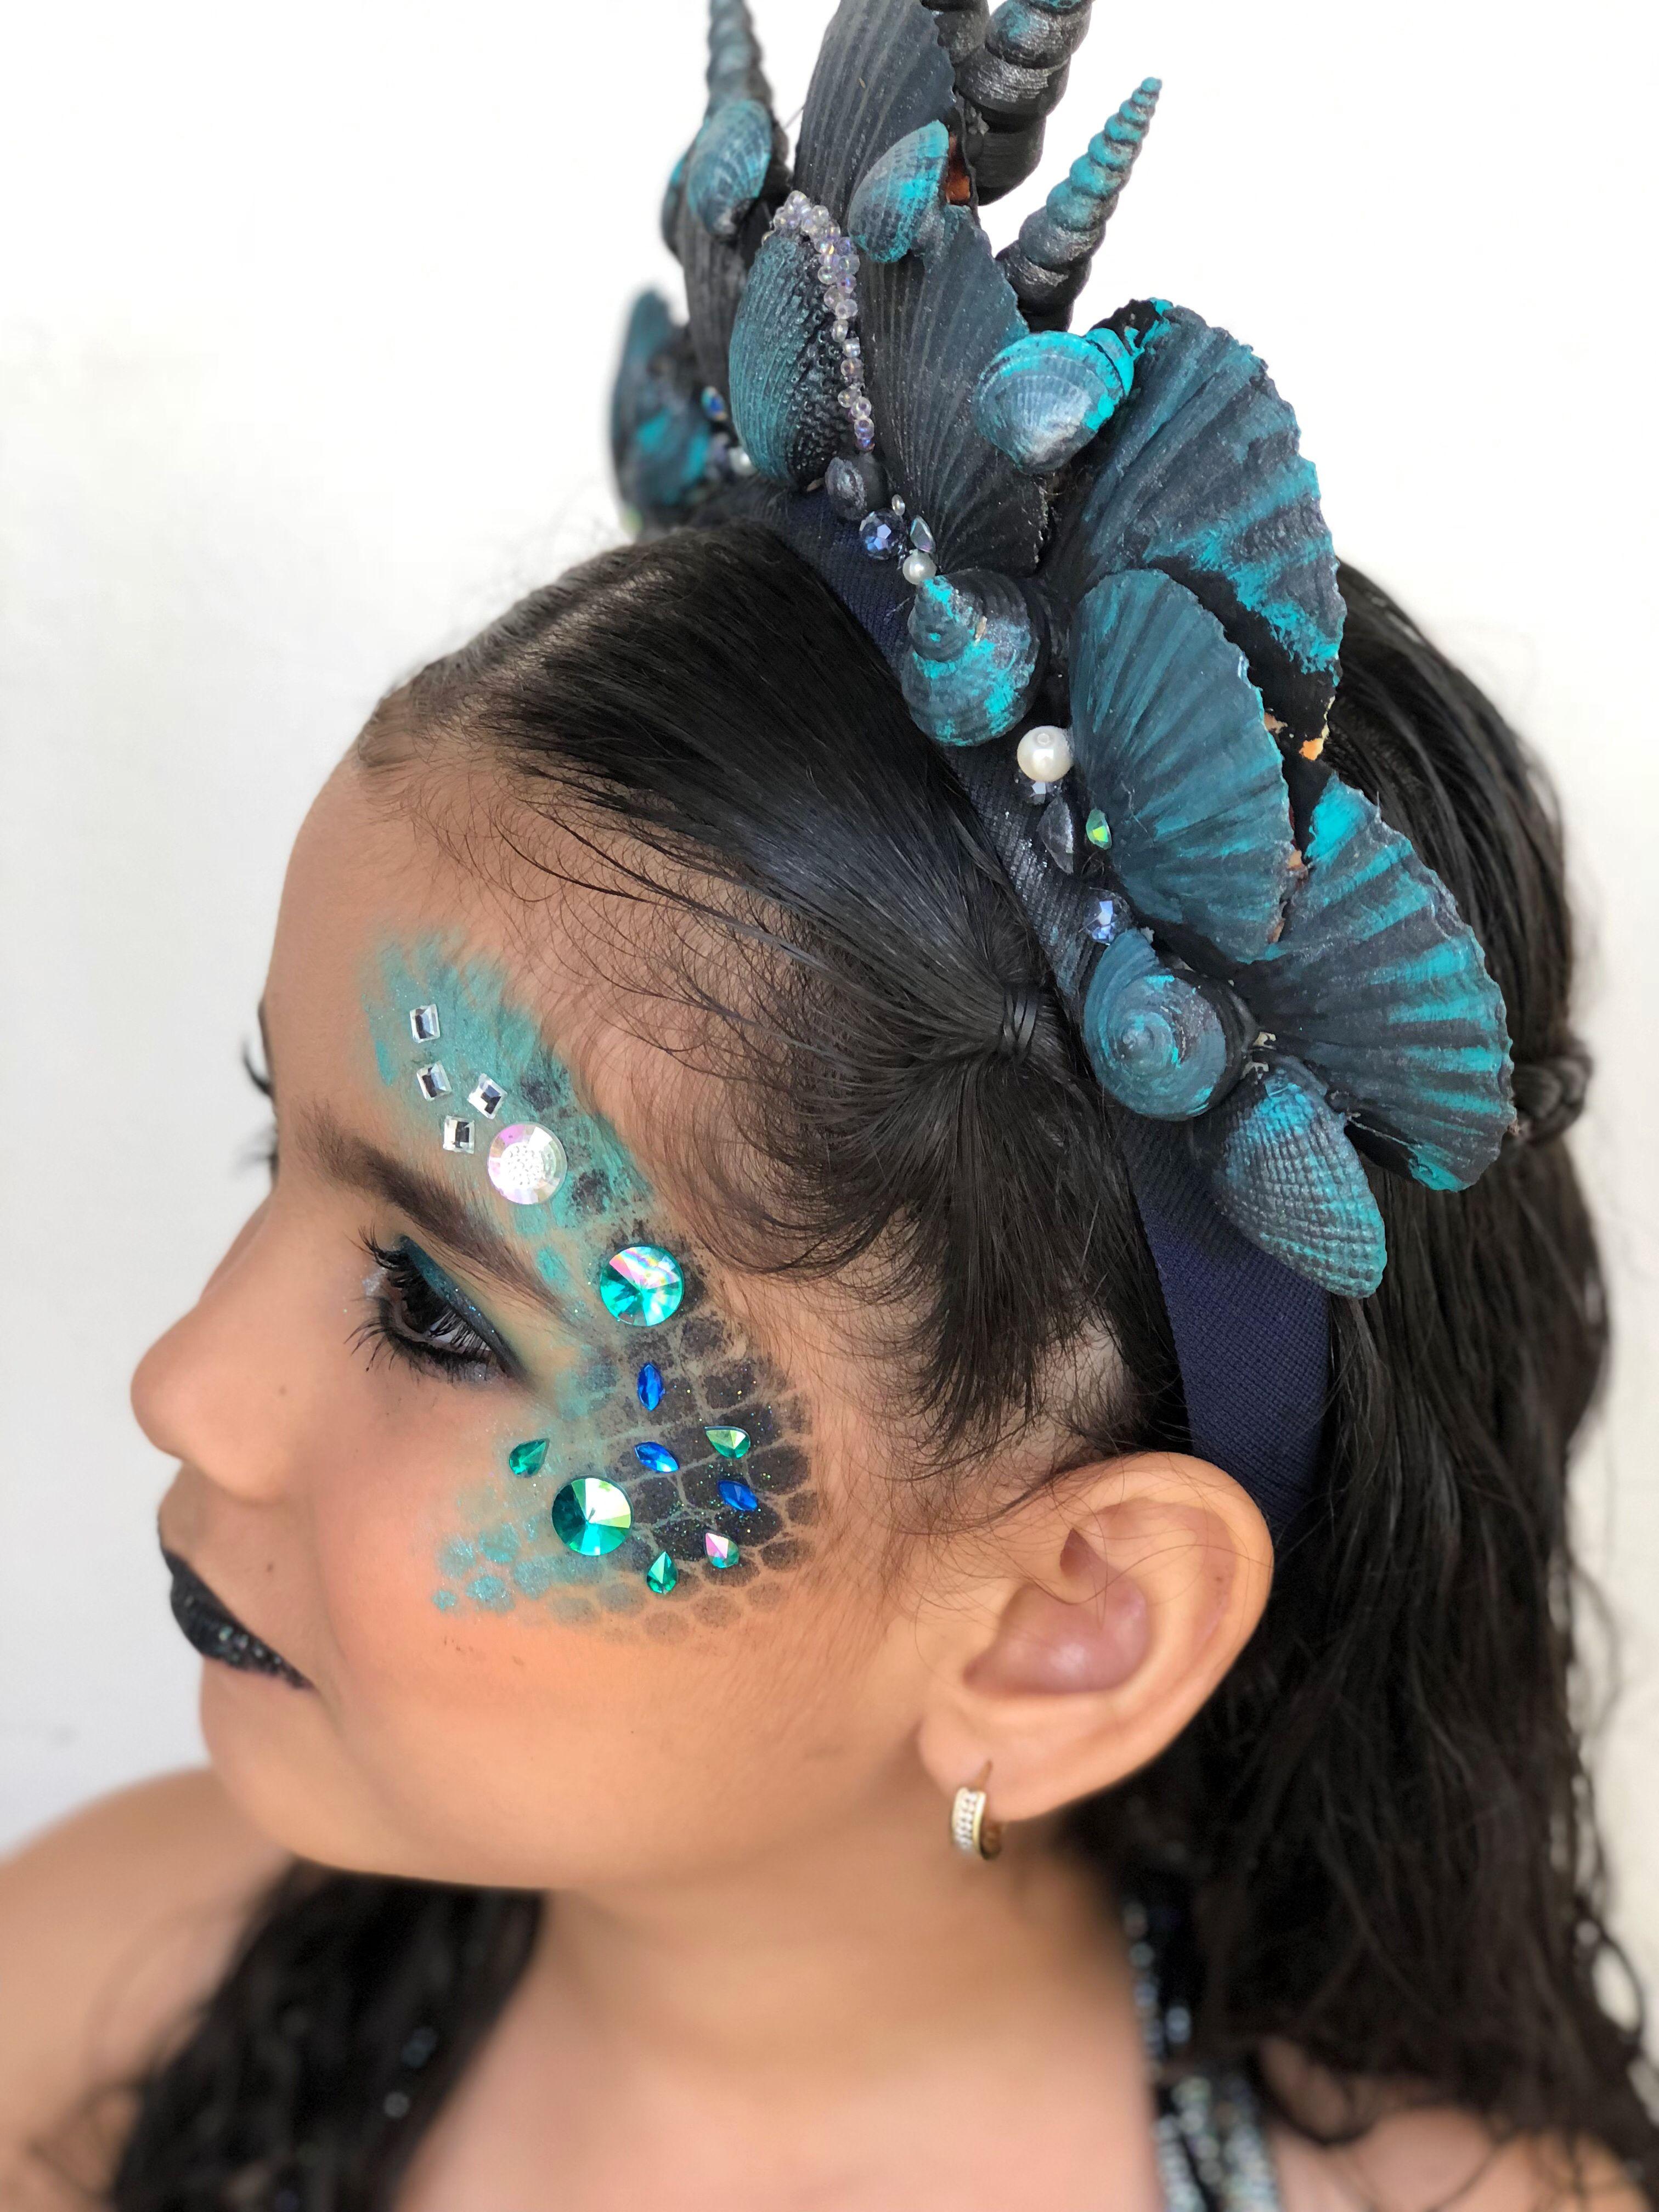 Mermaid makeup / Evil mermaid / Girls kid halloween